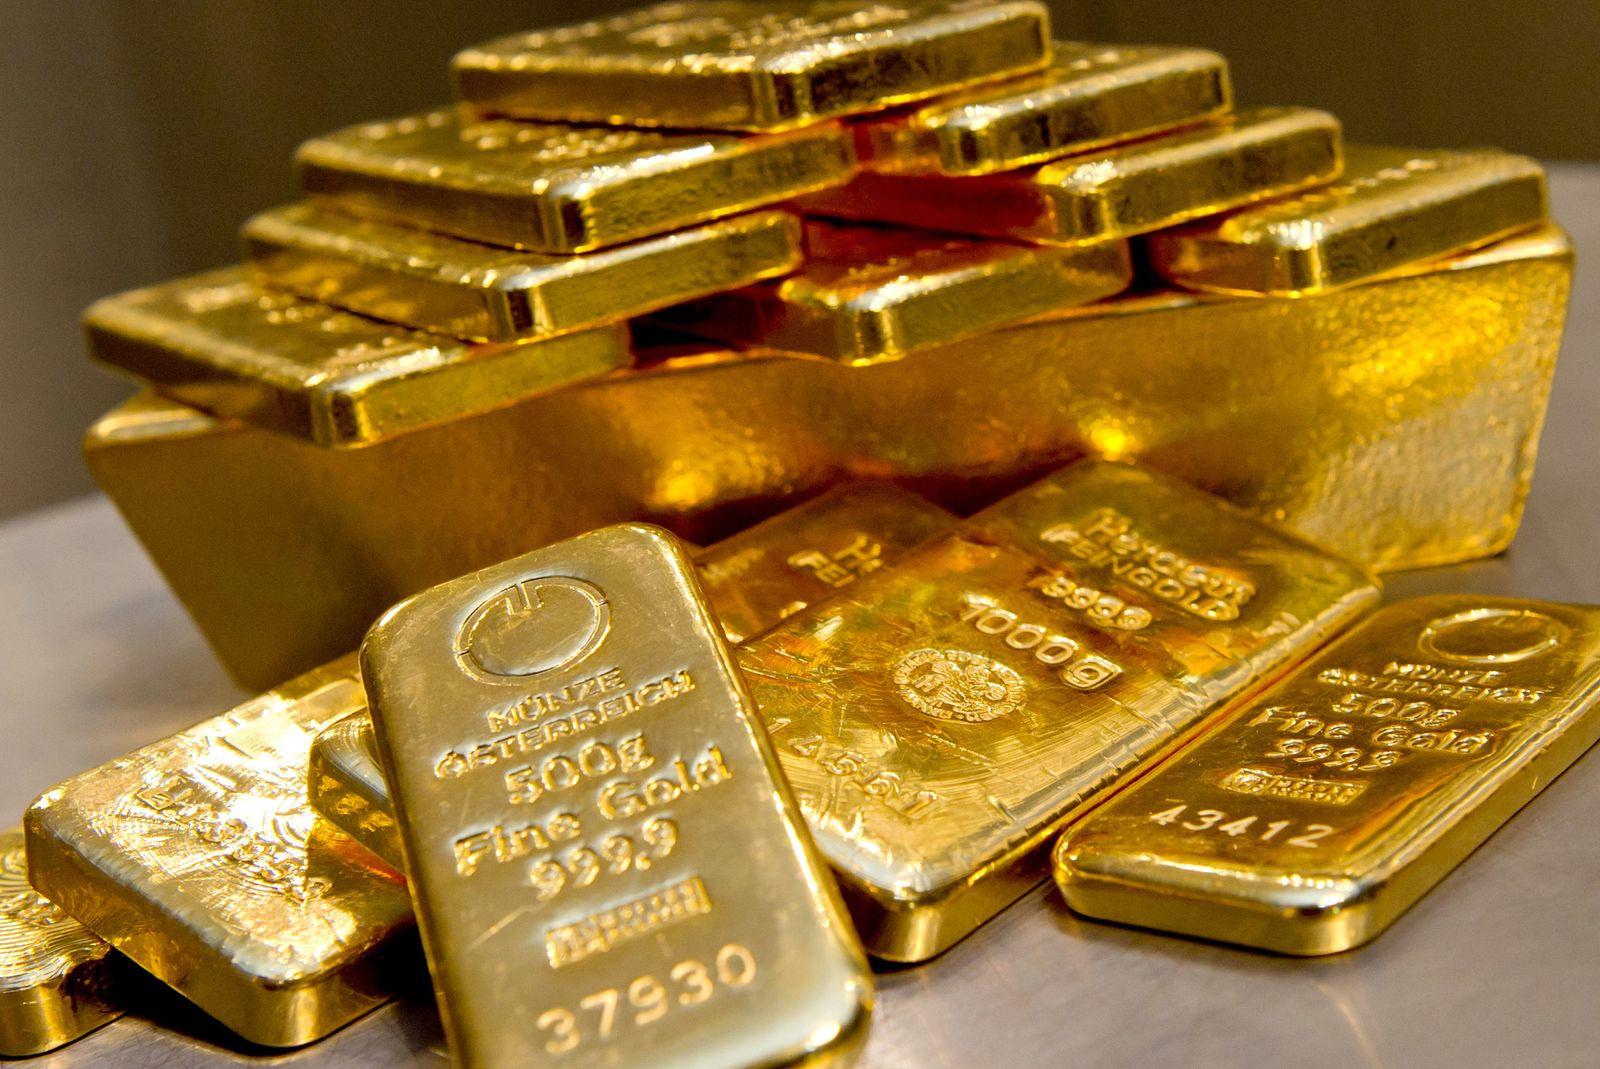 Goldpreis steigt erstmals seit 2013 Ã?ber 1500 Dollar